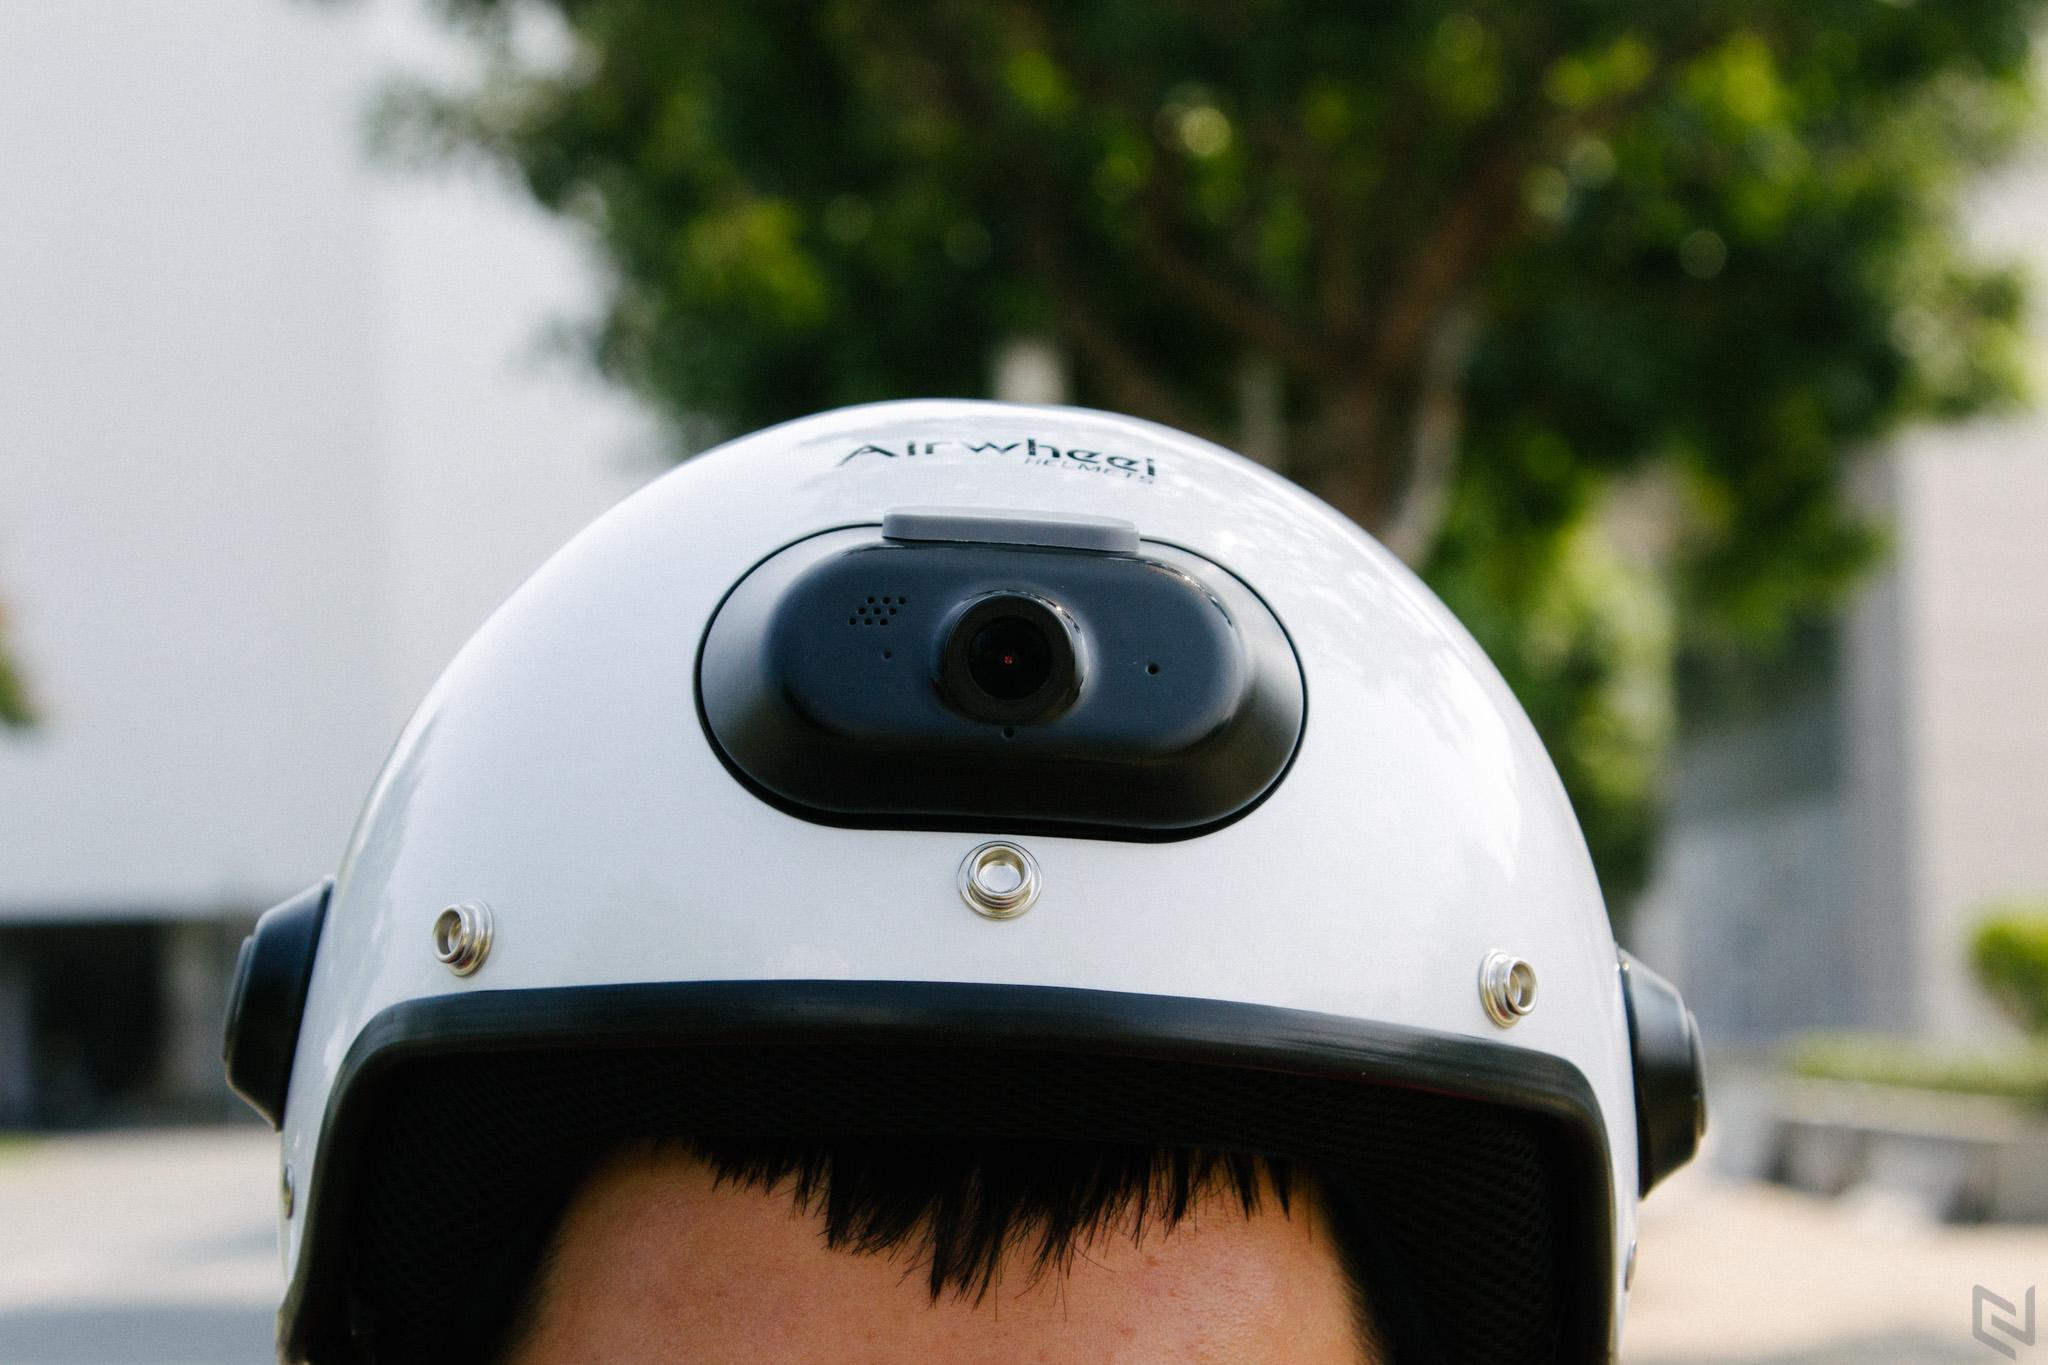 Airwheel C6, mũ bảo hiểm thông minh tích hợp camera hành trình, có thể nghe nhạc, gọi điện